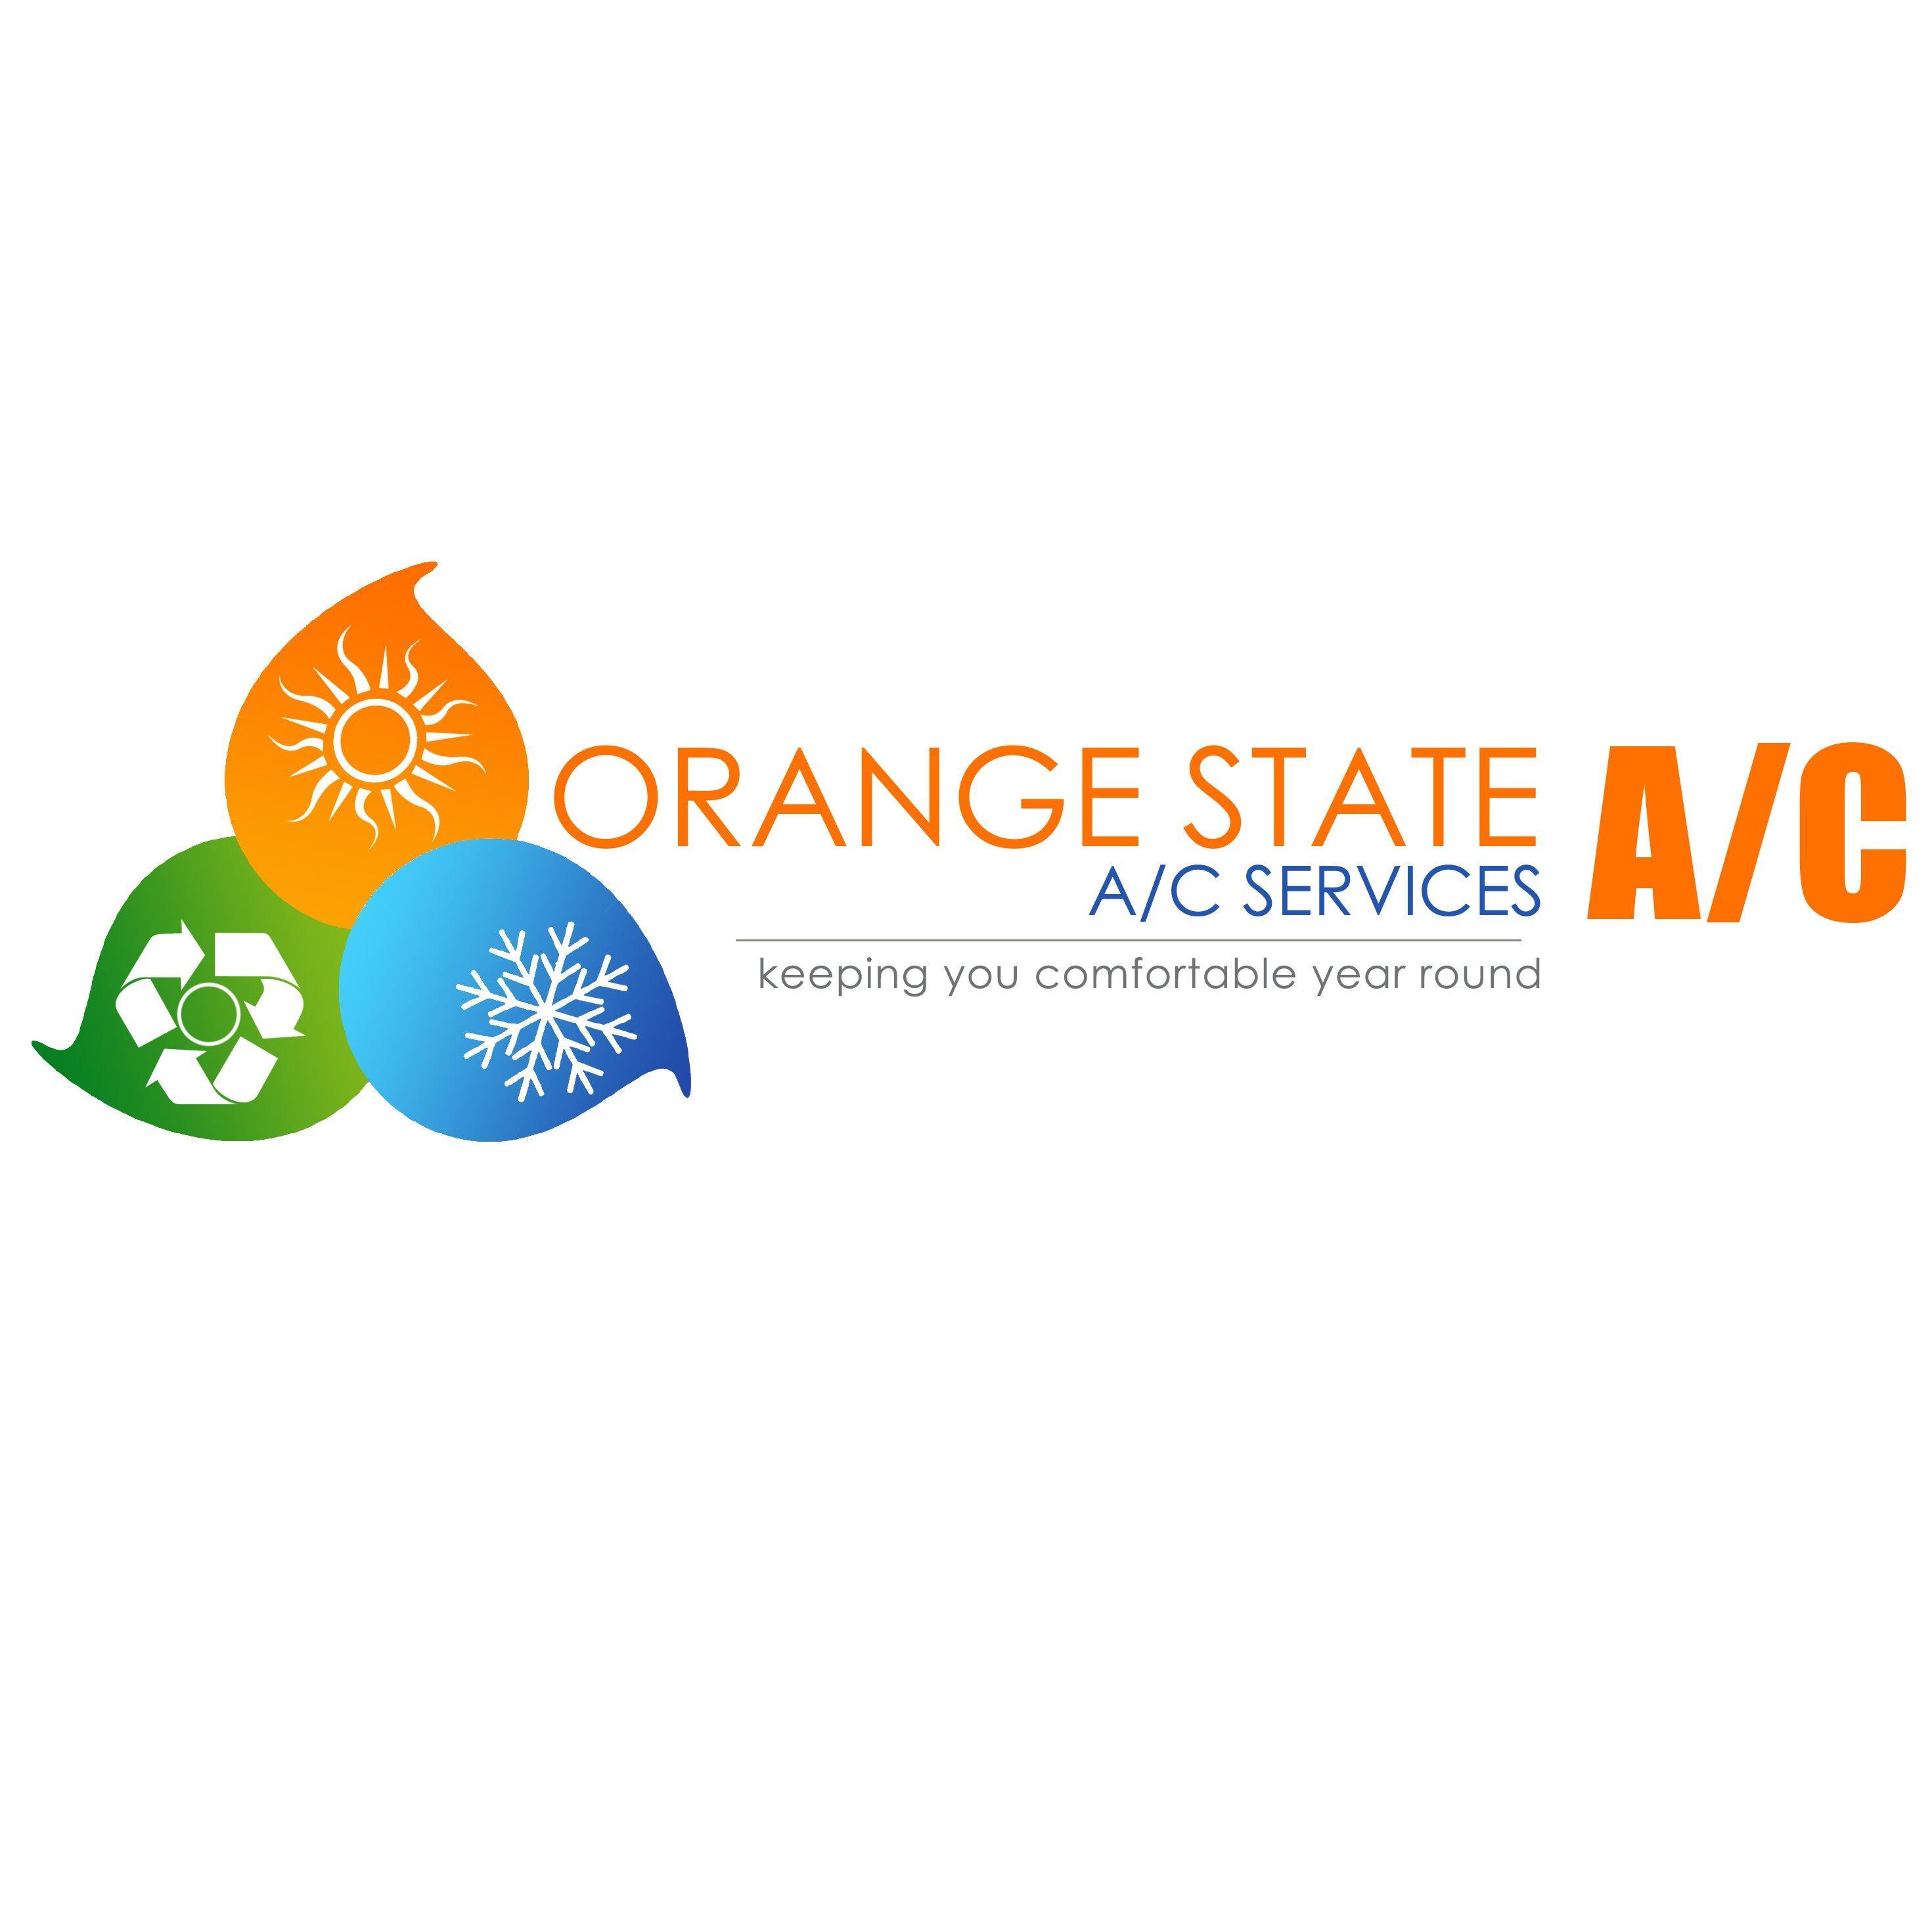 Orange State A/C